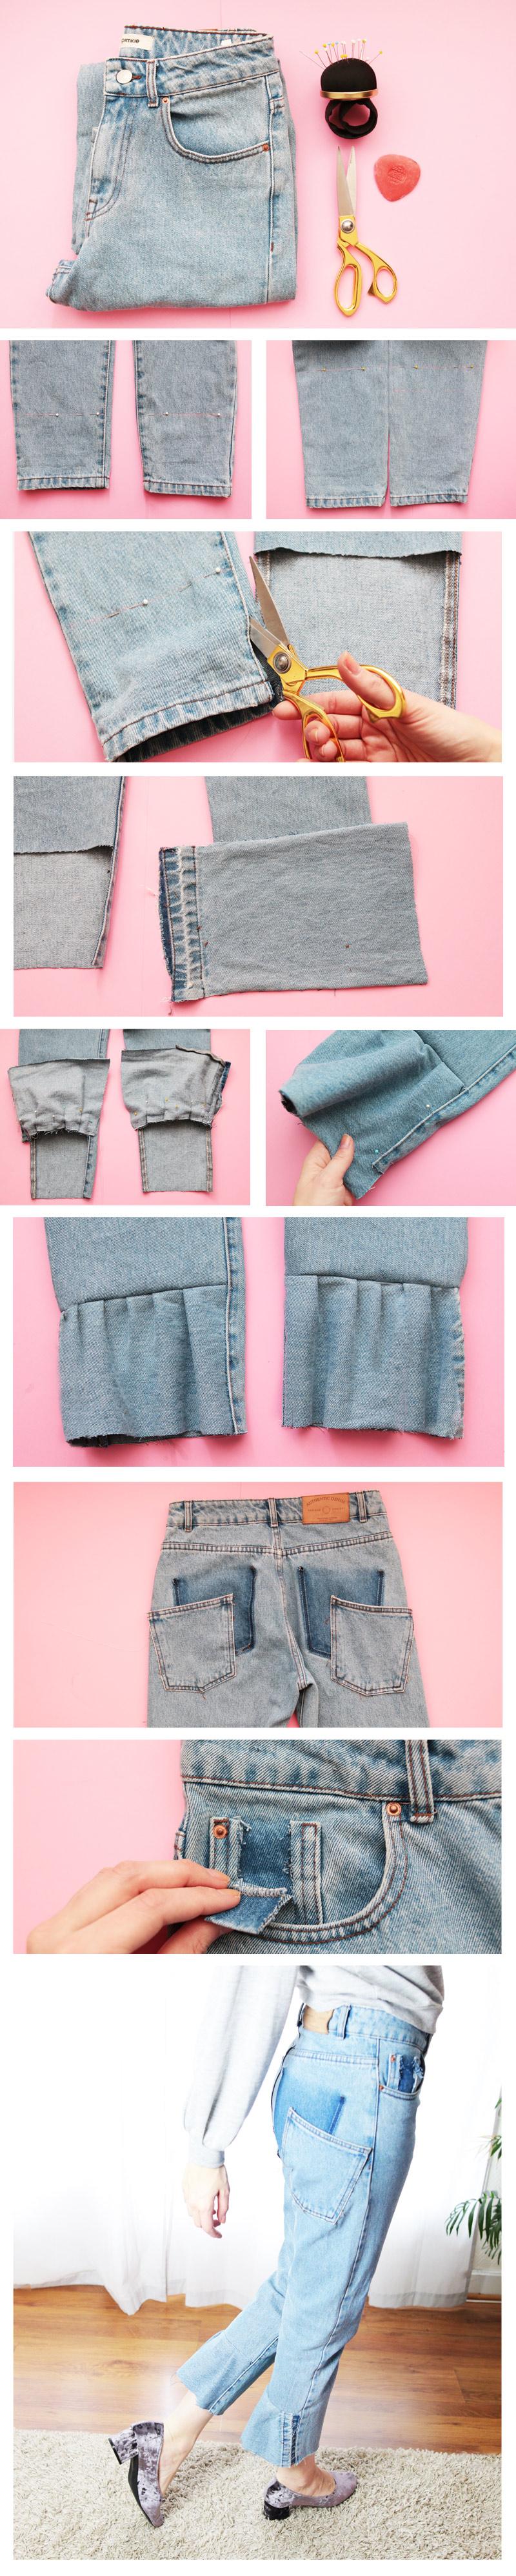 diy-jeans-volant